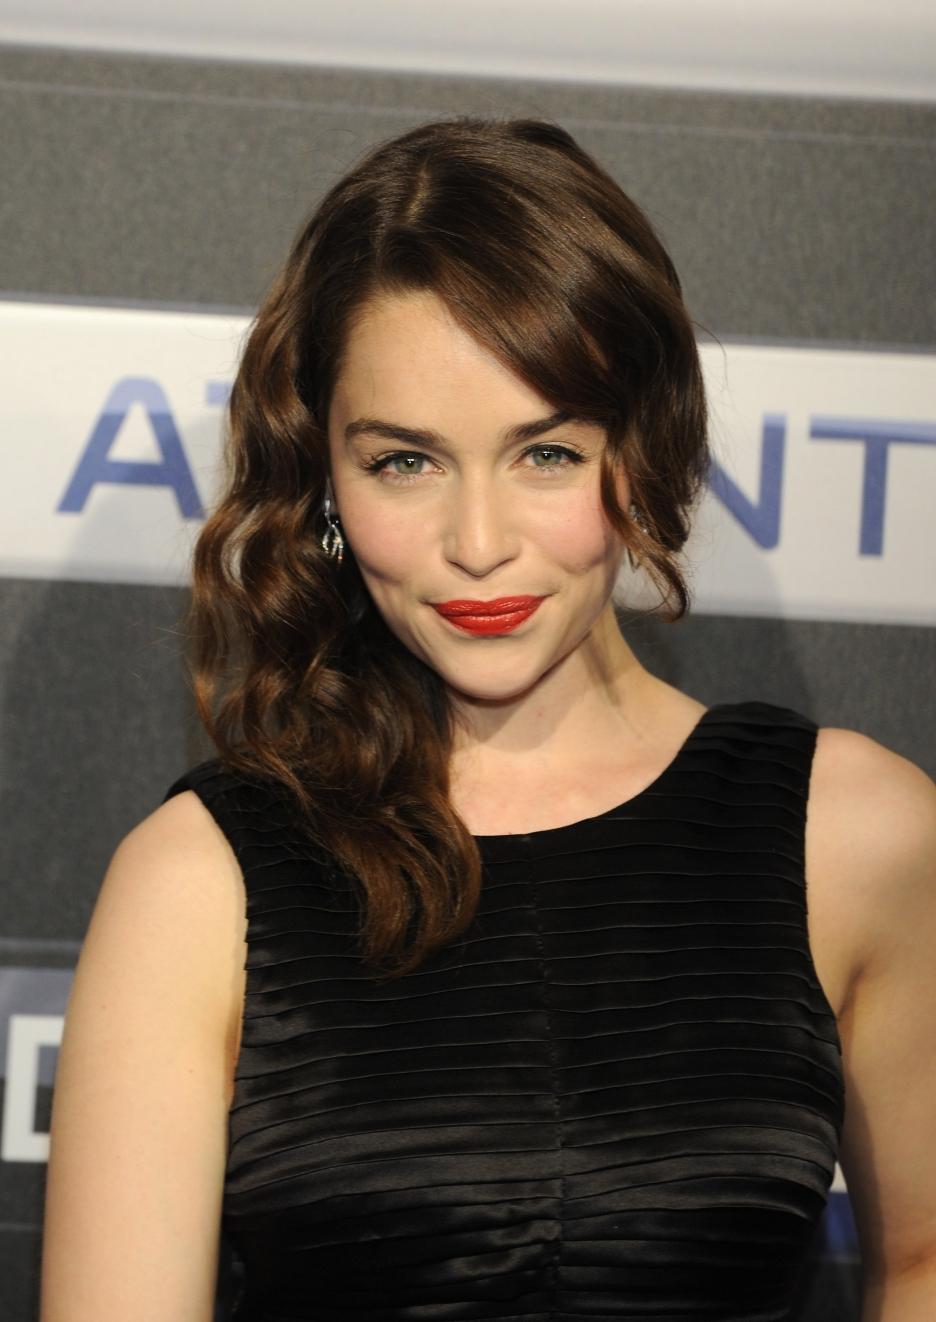 Emilia Clarke Backgrounds, Compatible - PC, Mobile, Gadgets| 936x1322 px